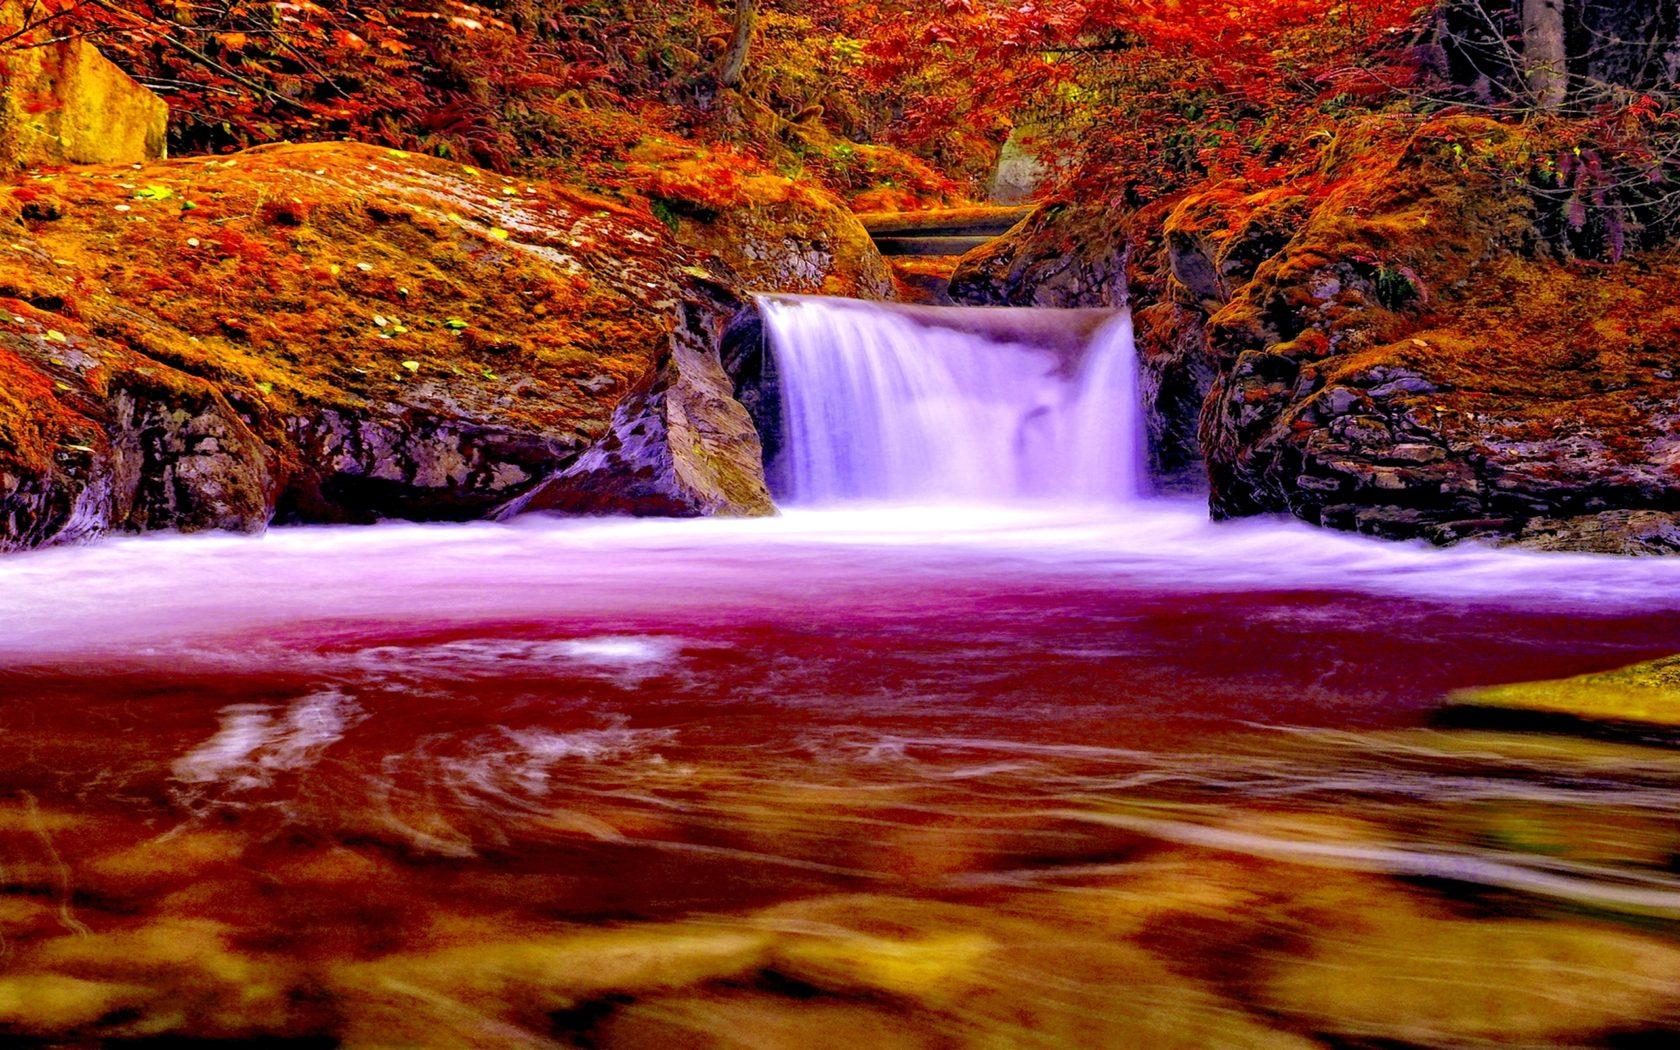 Niagara Water Falls Desktop Wallpaper Autumn Forest Falls Nature Waterfall 745340 2560x1600